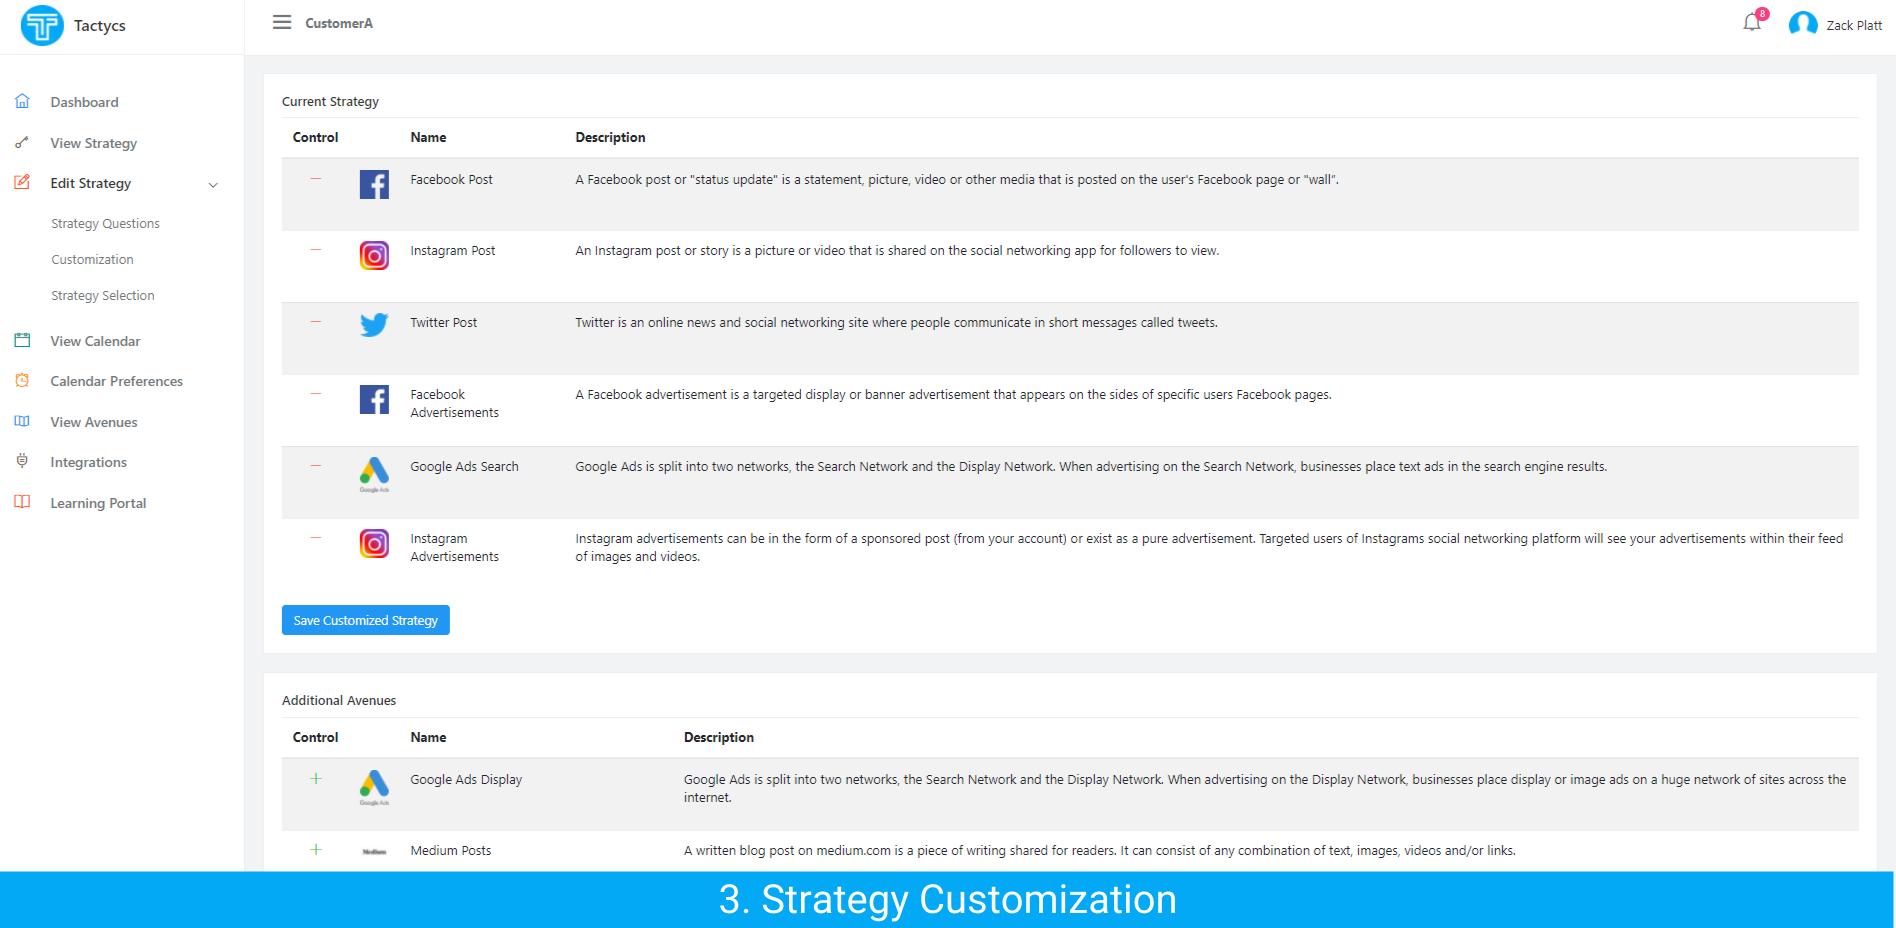 Tactycs Strategy Customization